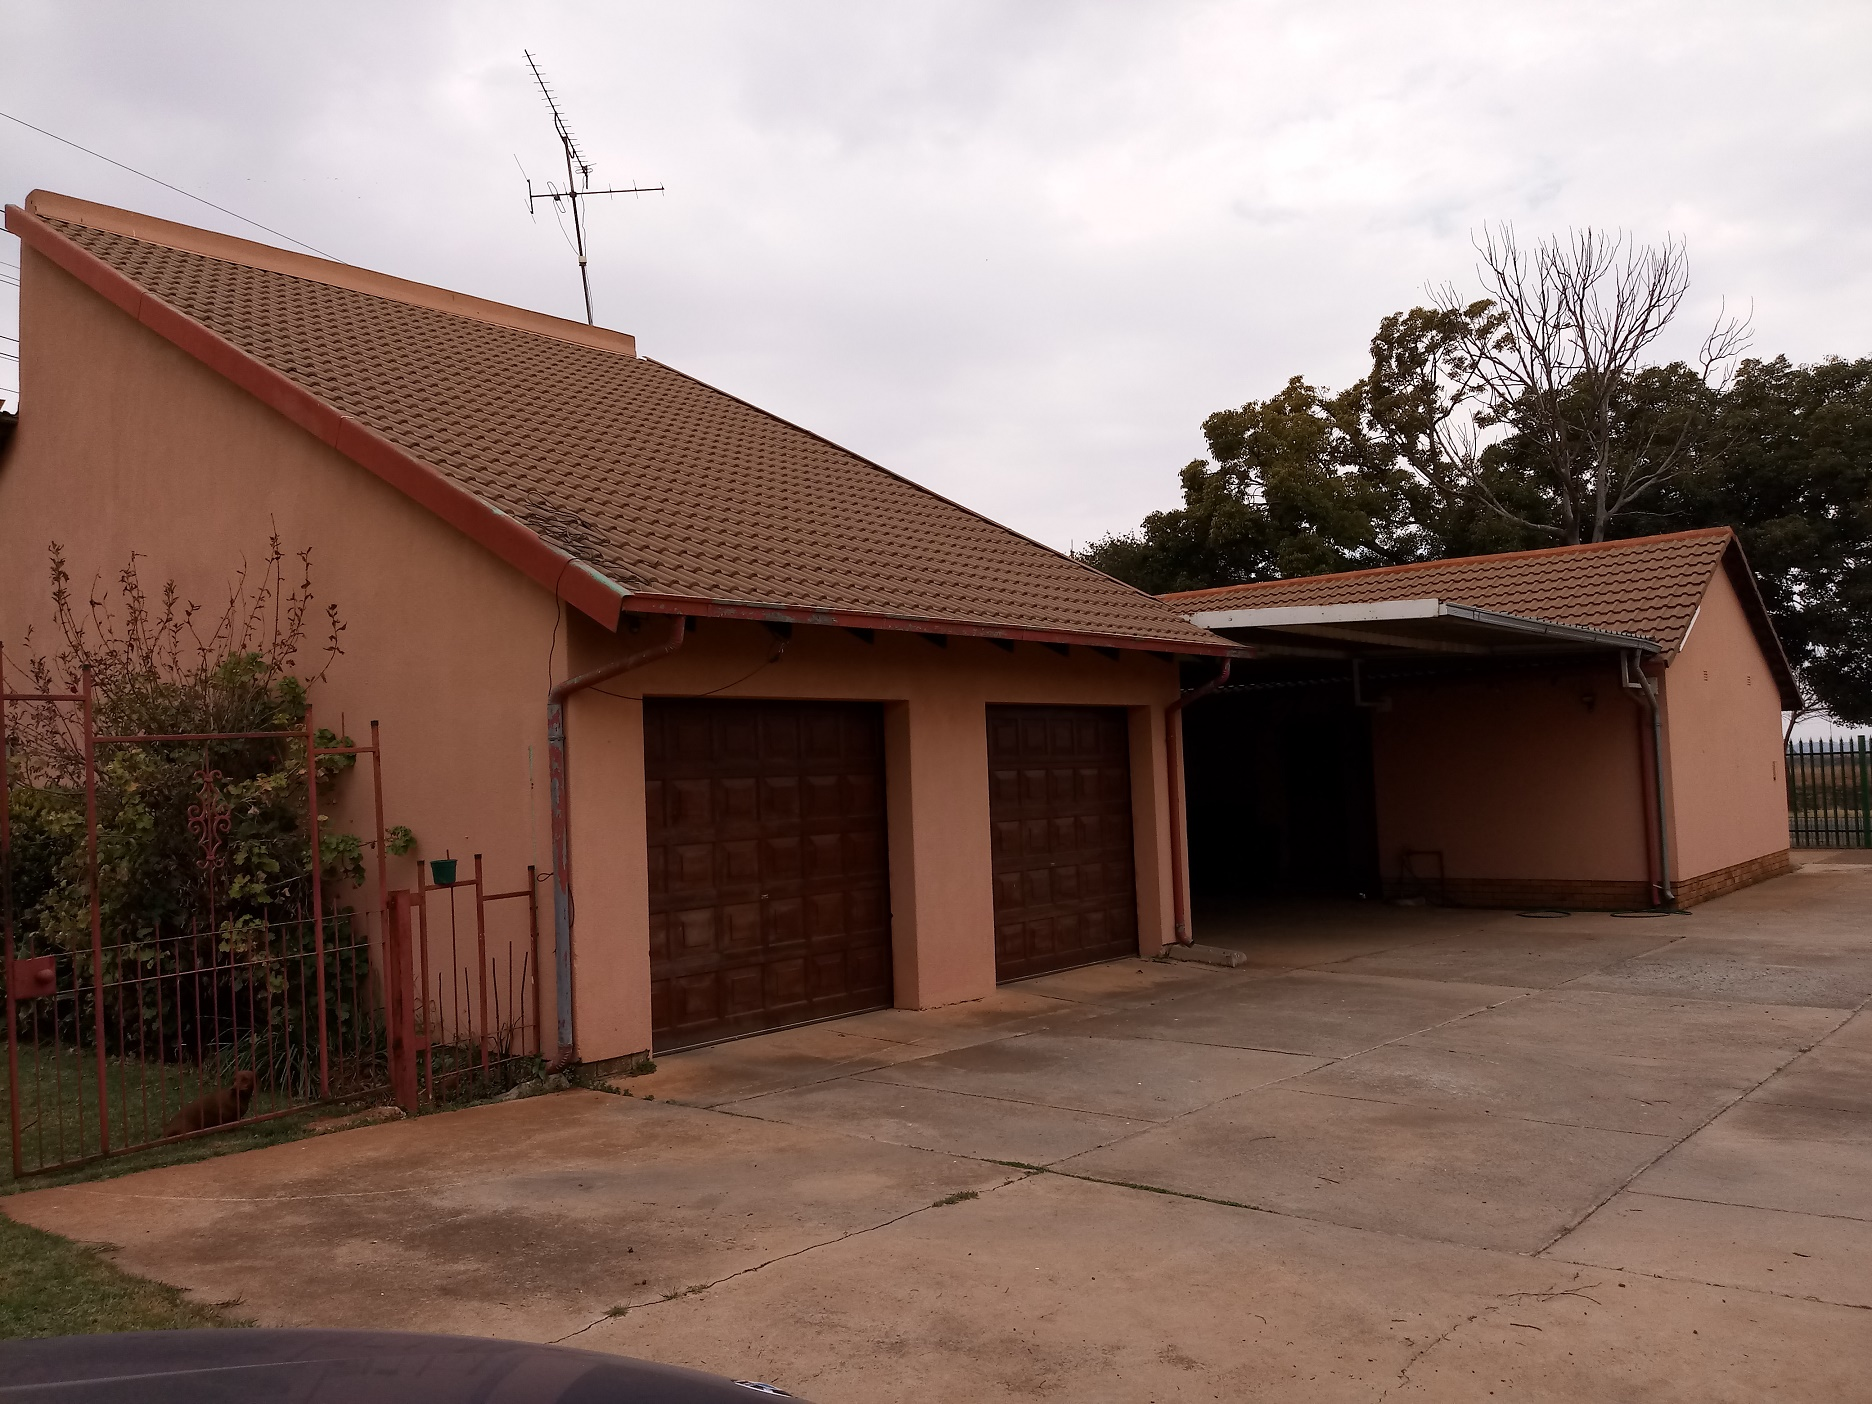 4 bedroom 3 garages house in Dersley